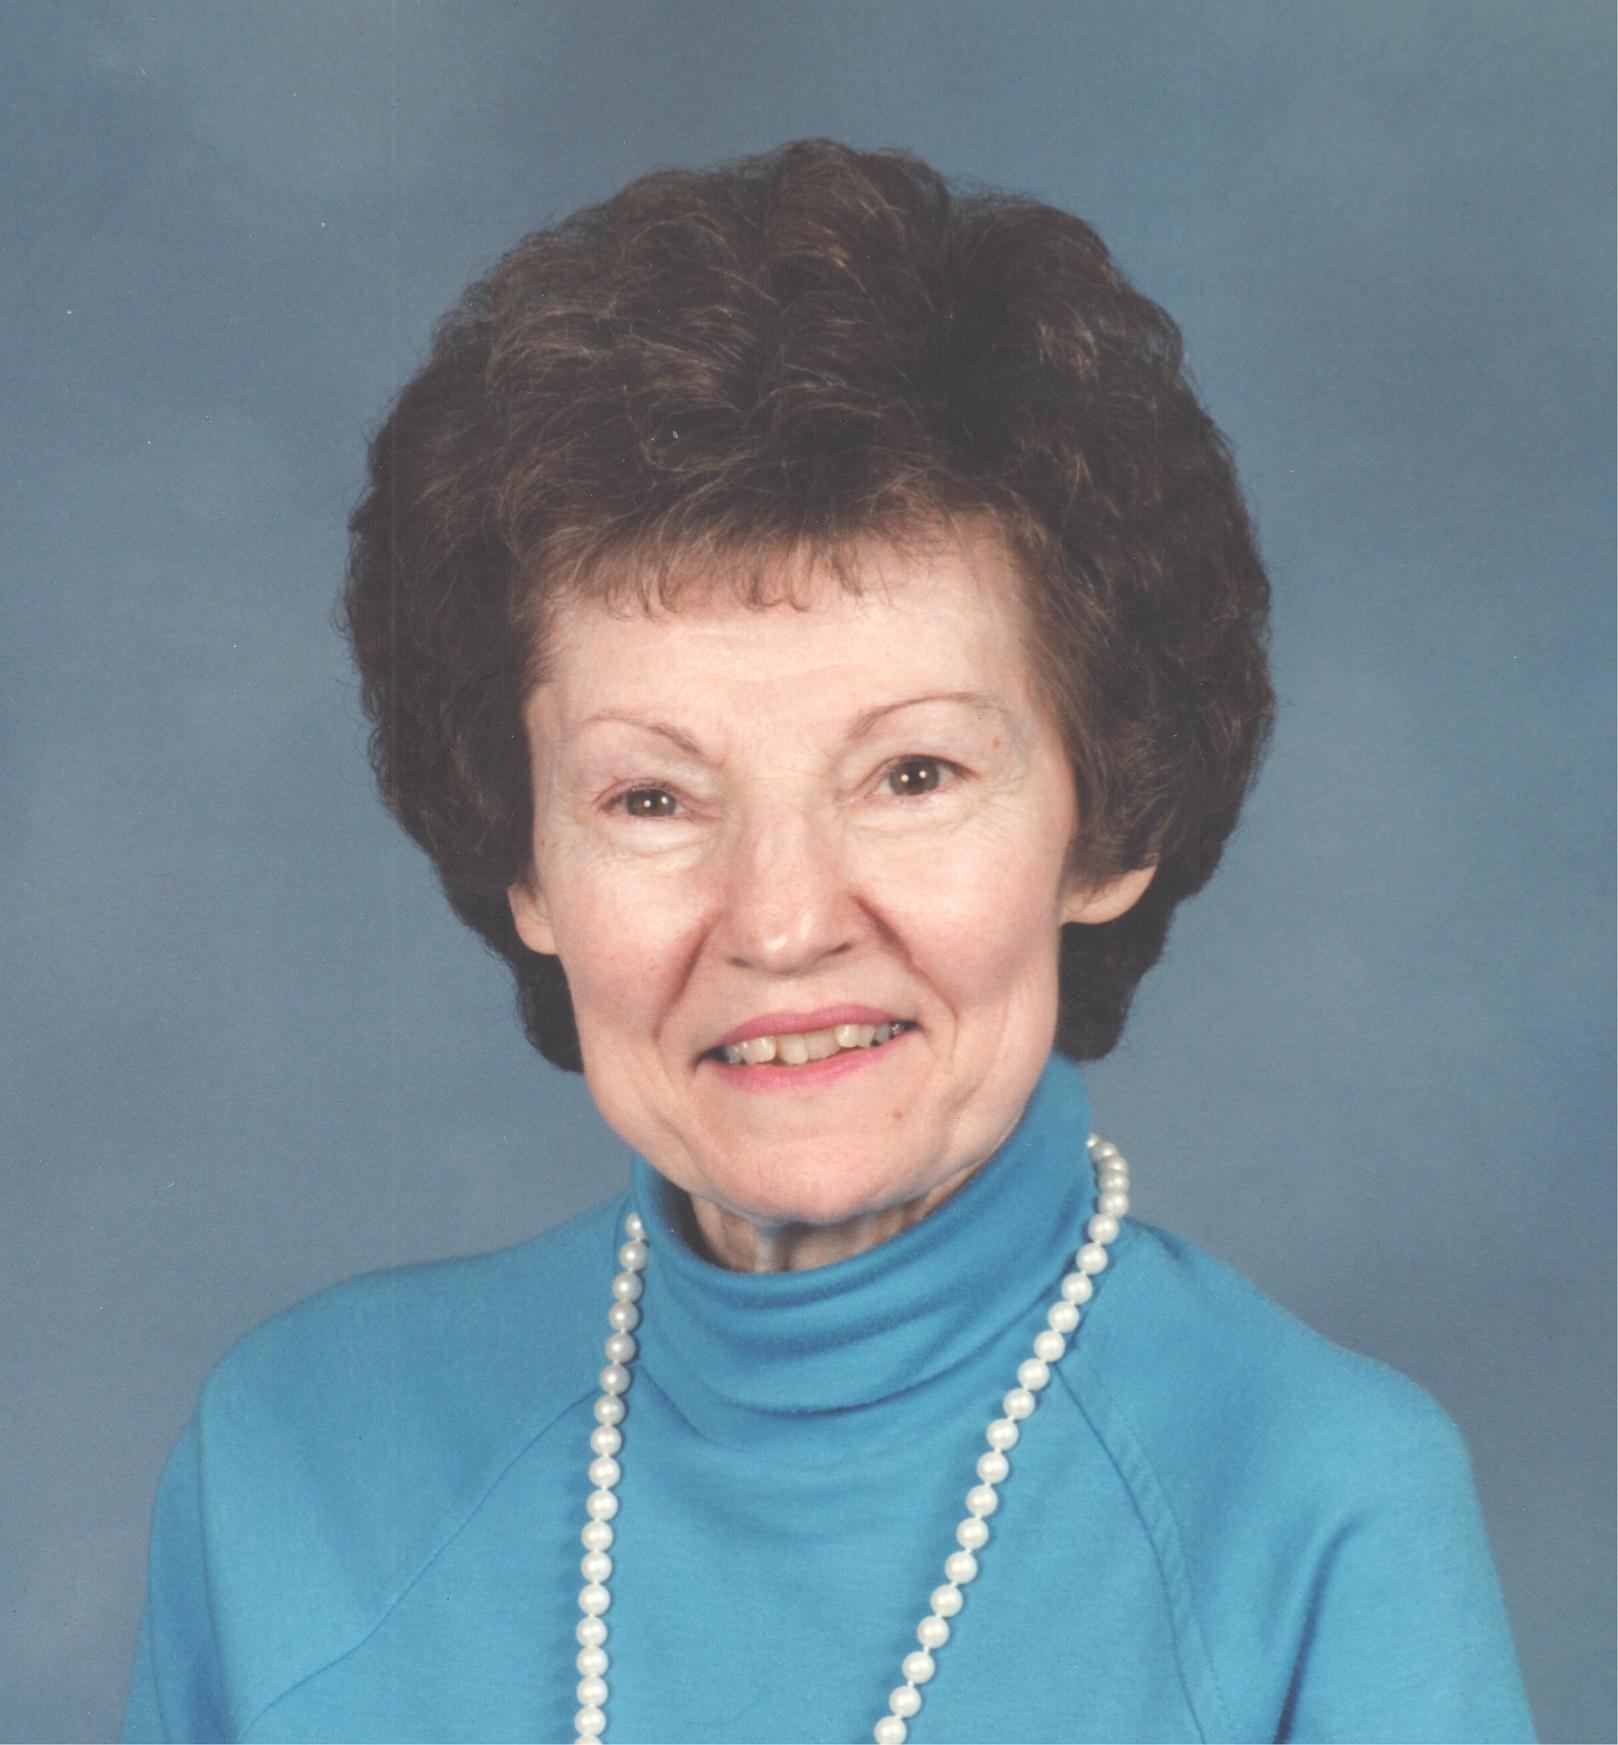 Lou Ann Schuler, age 88 of Jasper